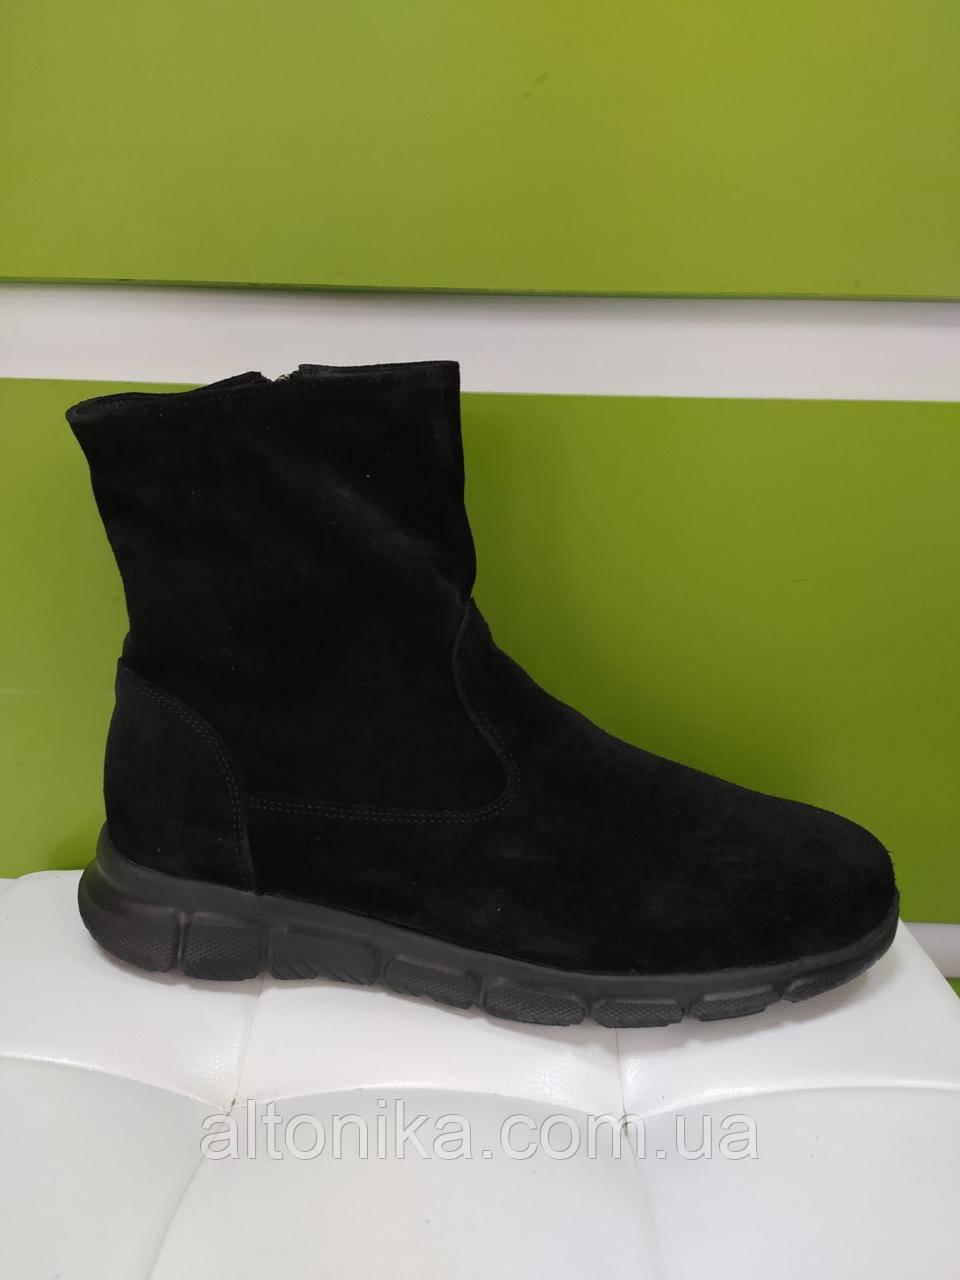 STTOPA деми зима. Размеры 40-44. Ботинки кожаные больших размеров! С11-4-4044-3-3644 Черные